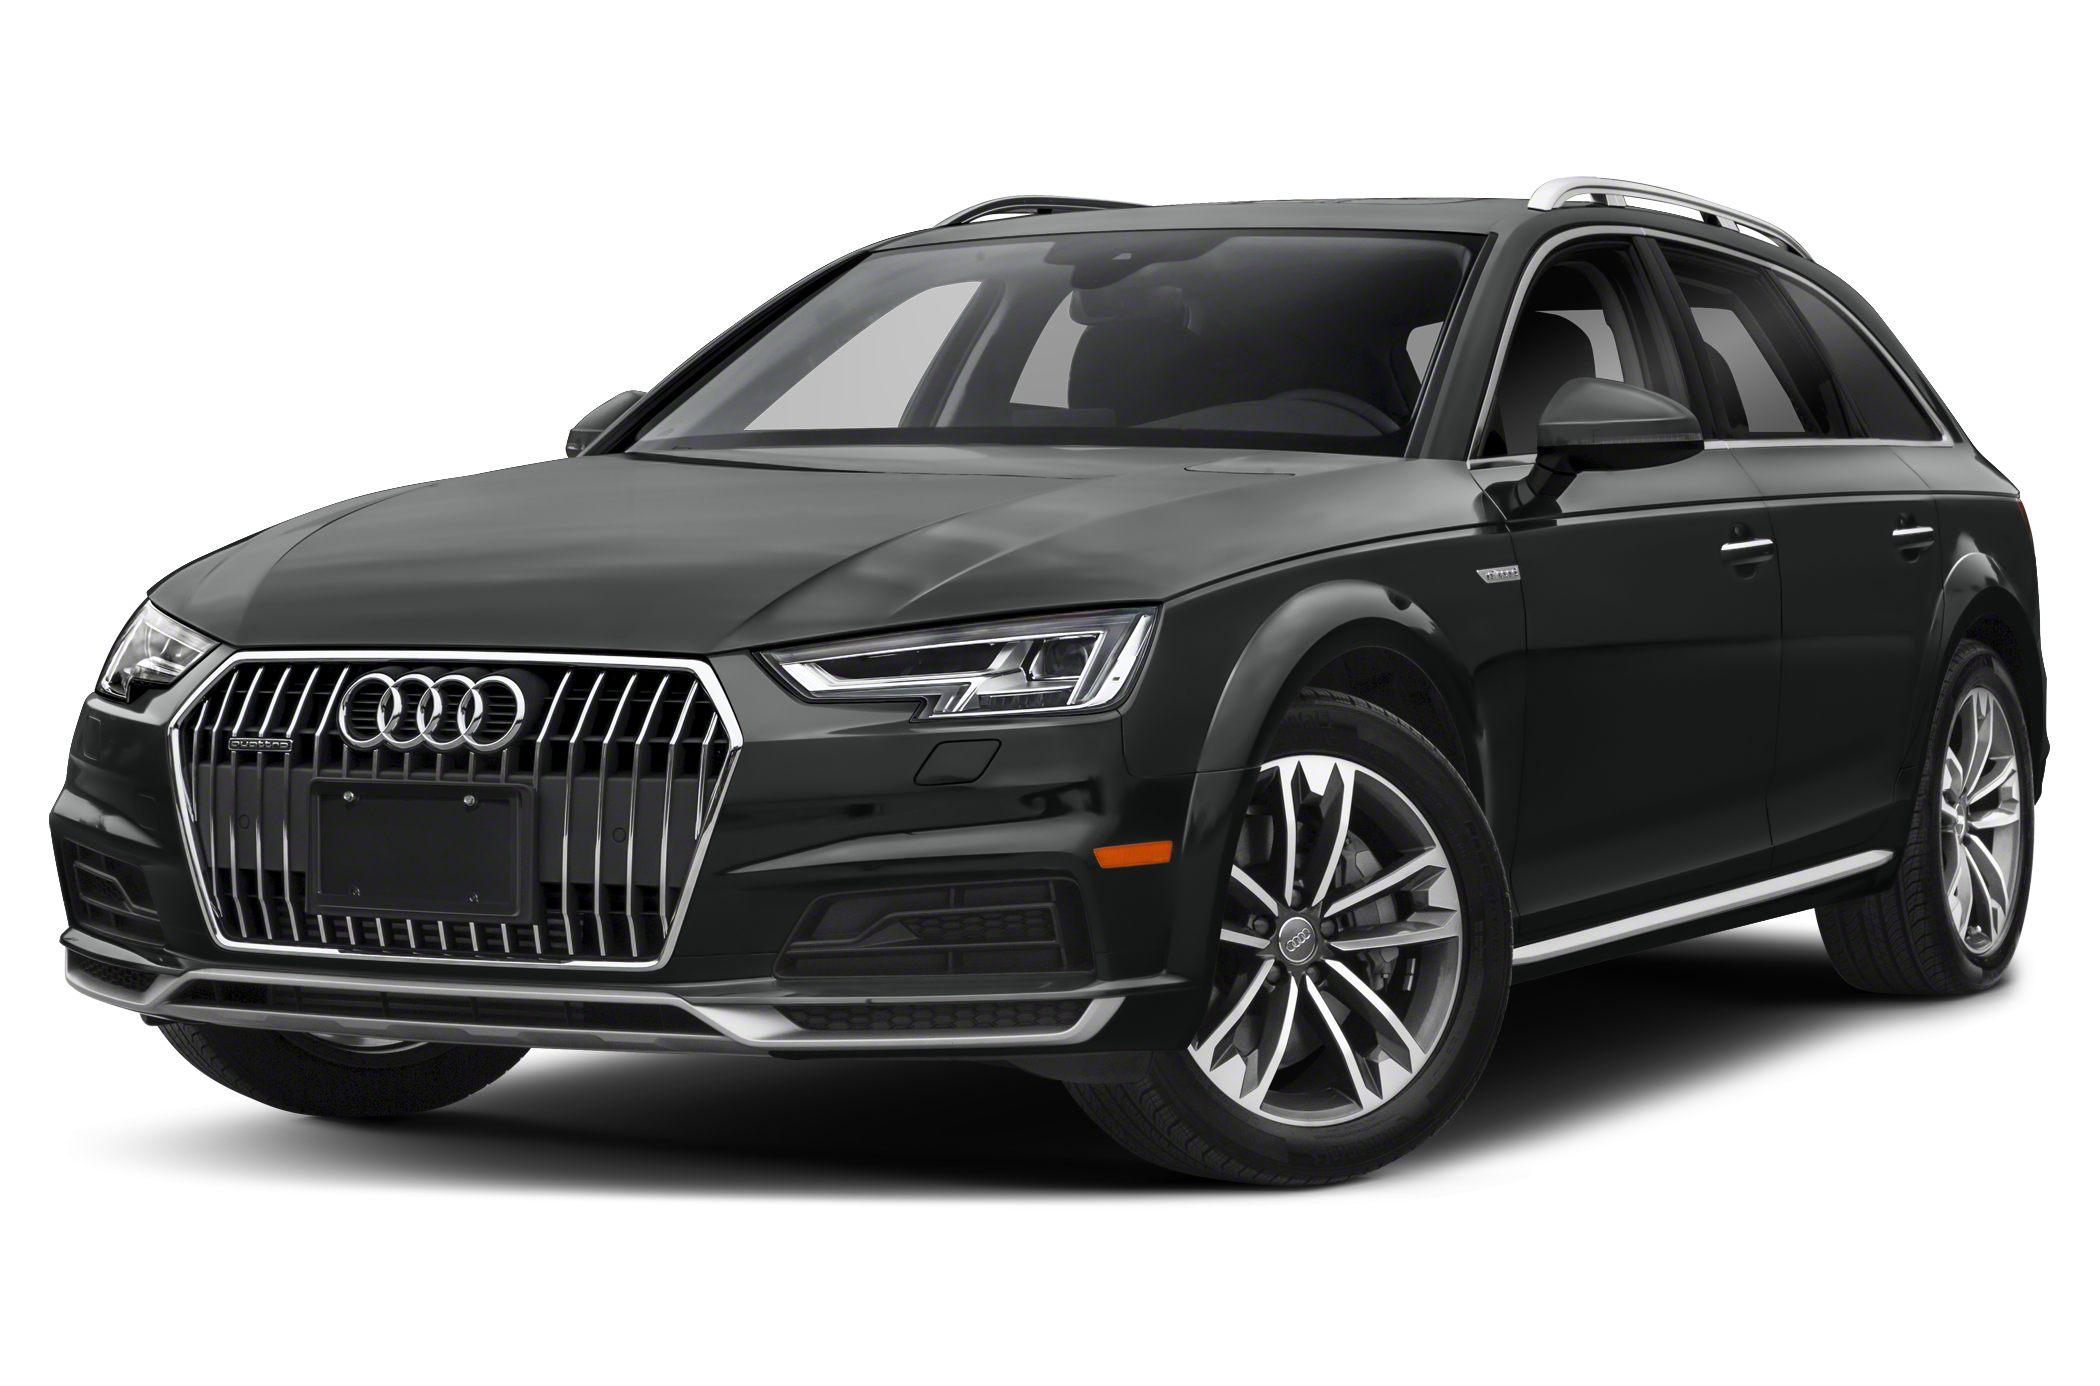 Kelebihan Kekurangan Audi Allroad 2018 Top Model Tahun Ini